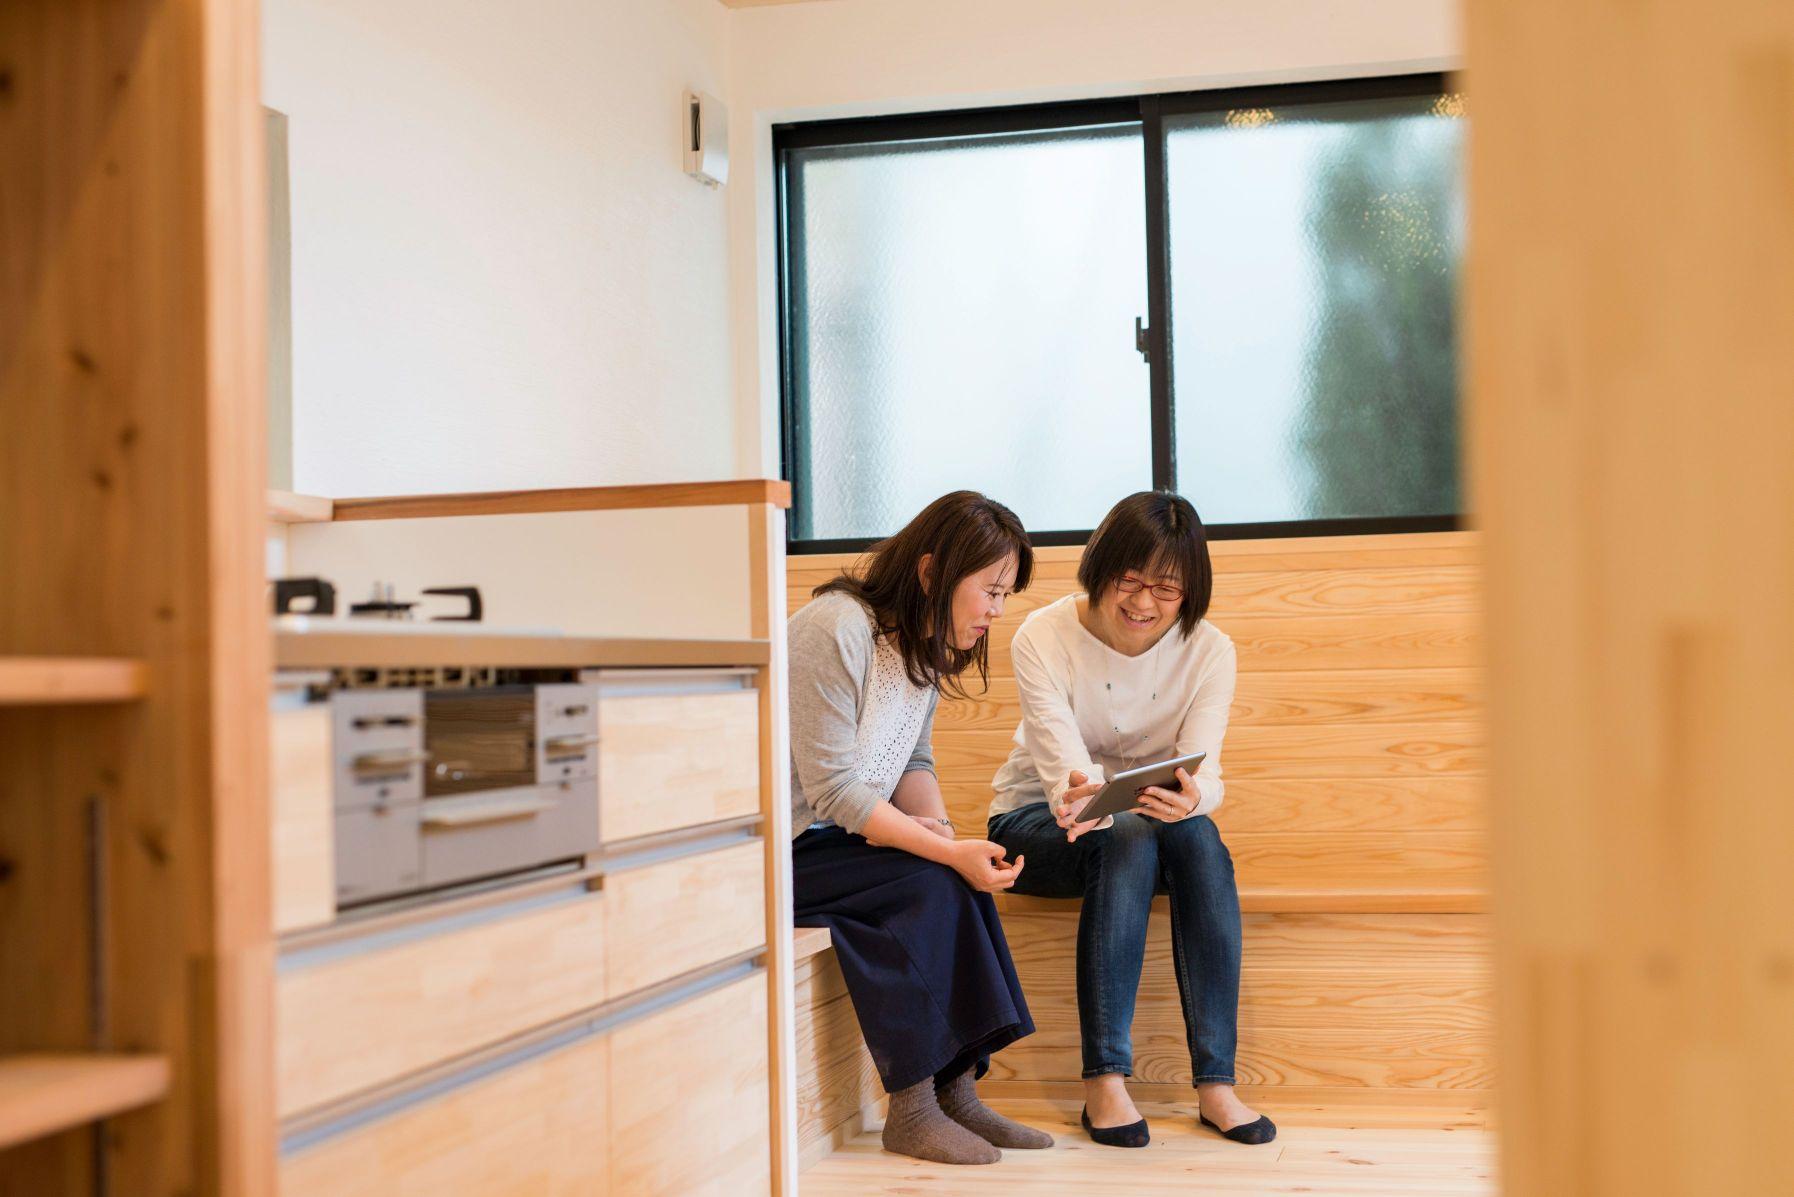 ゆくり設計室 暮らし方を整理する住まい